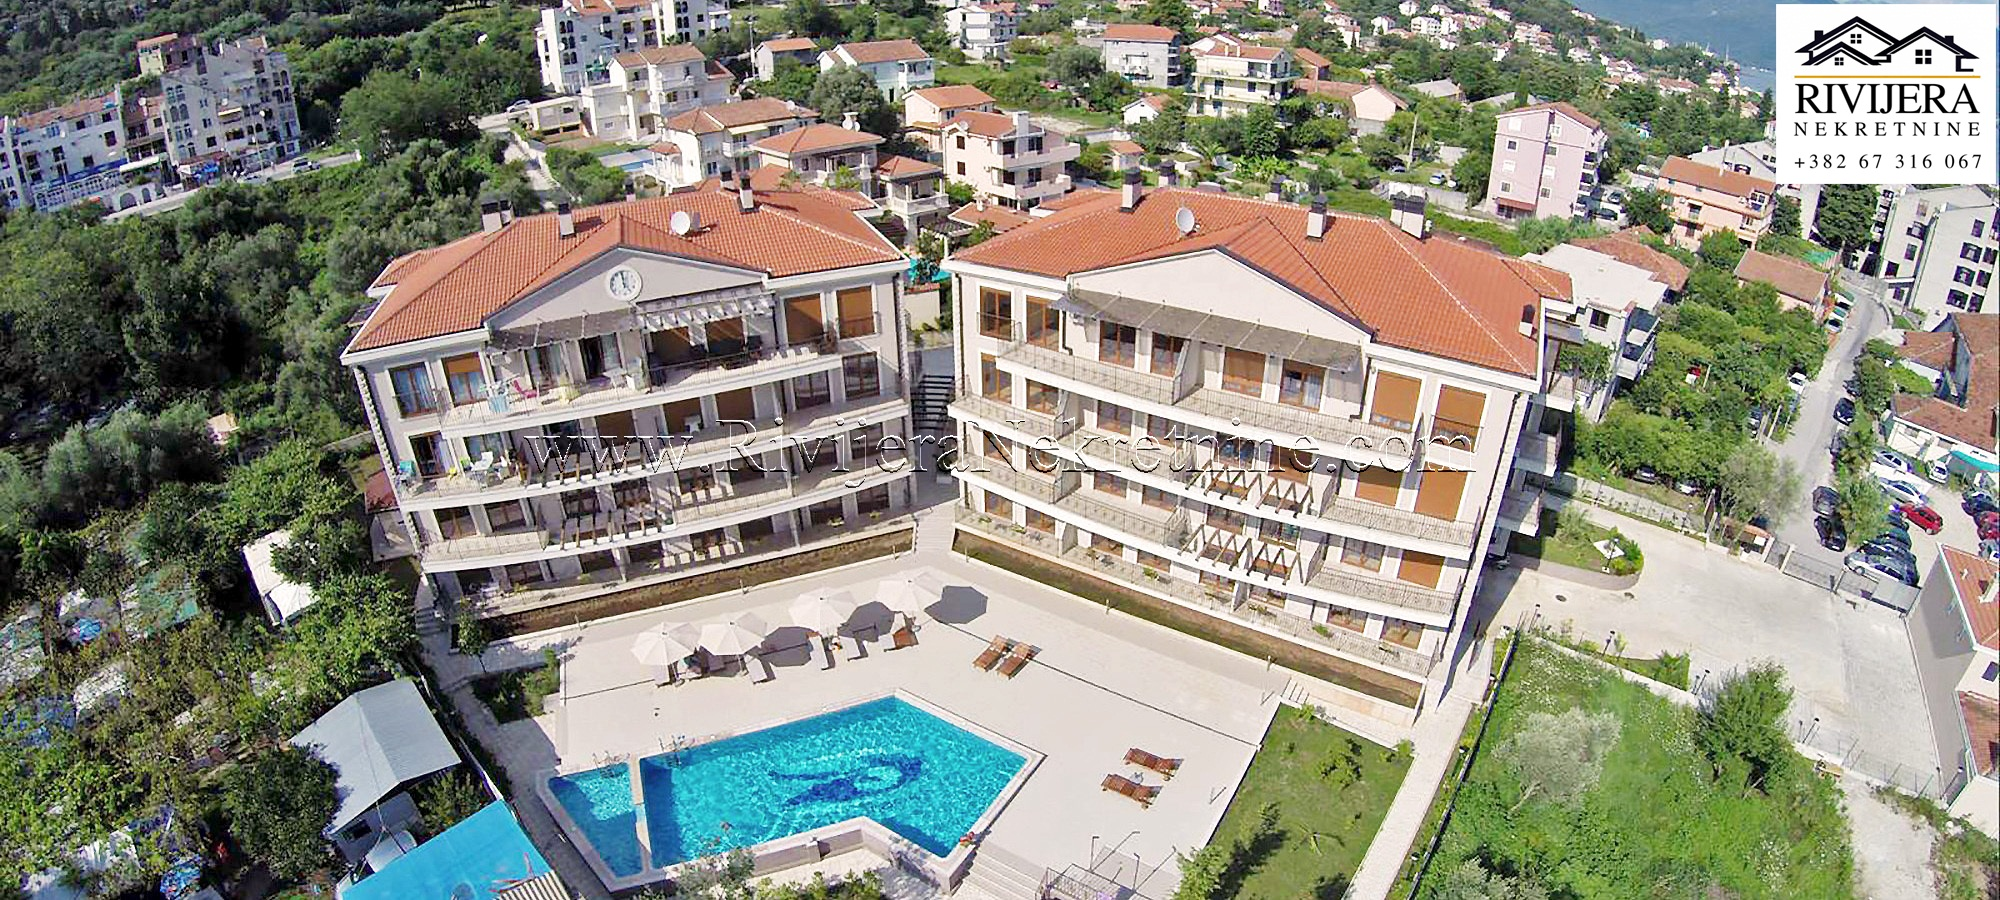 Na prodaju apartmani u ekskluzivnom kompleksu na obali mora Herceg Novi Baosic